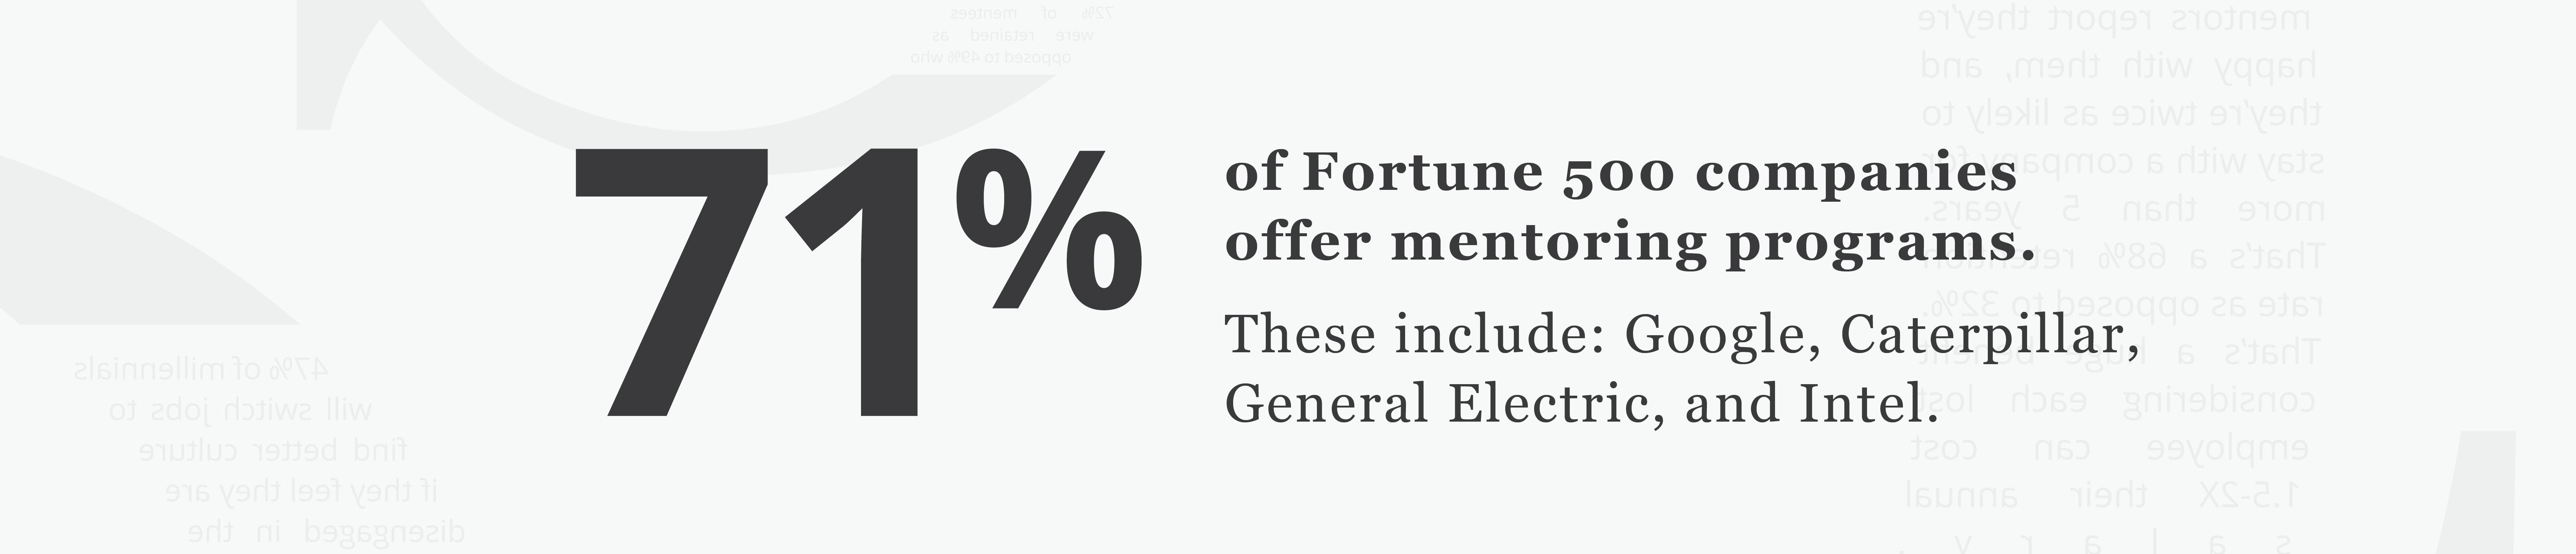 employee mentoring statistics